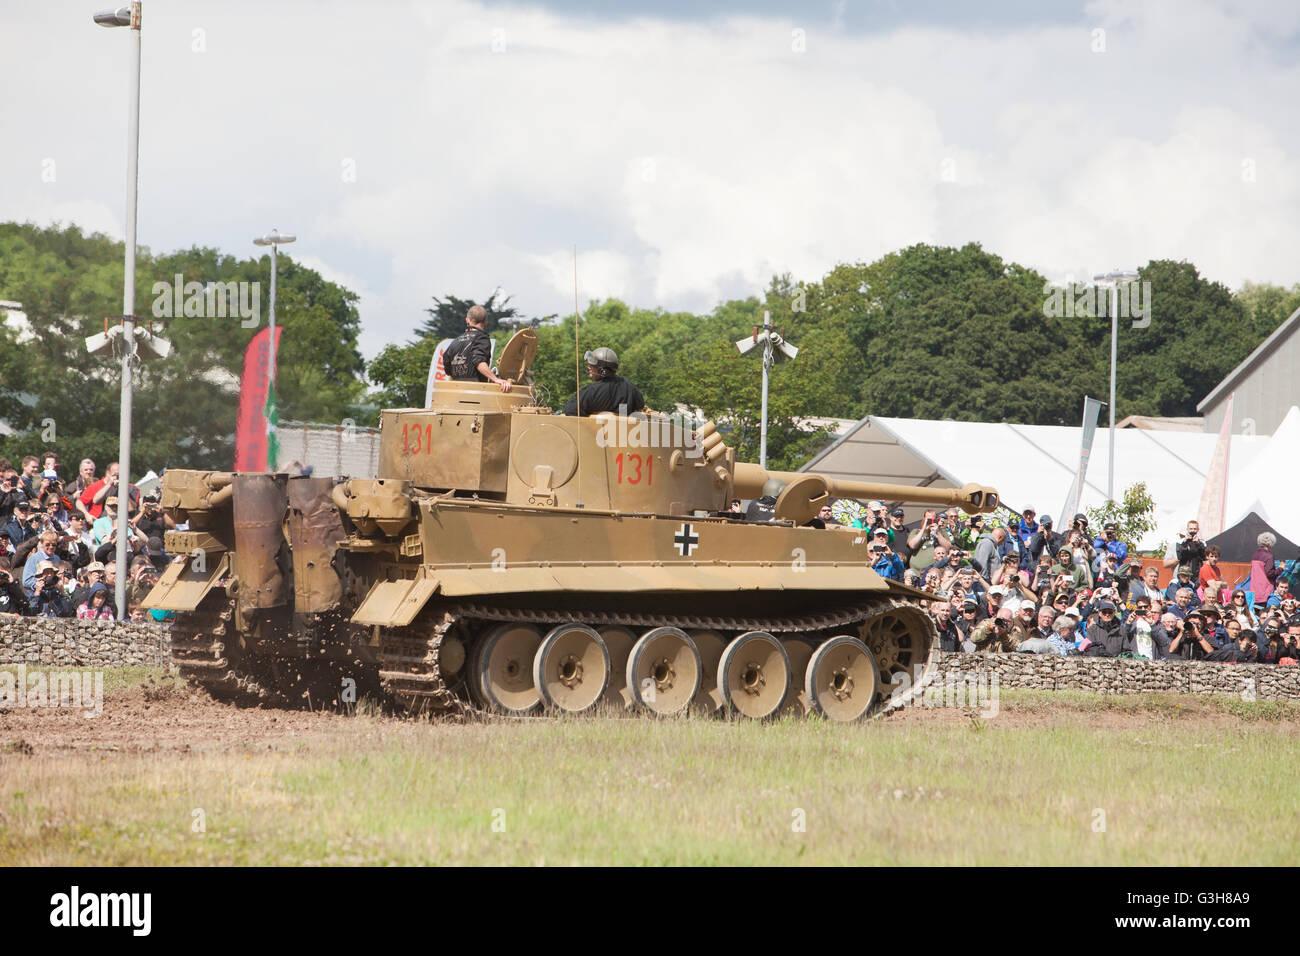 Bovington, Dorset, UK. 25 juin 2016. Tankfest show militaire. German Tiger 1 (numéro 131) en arène principale. Photo Stock